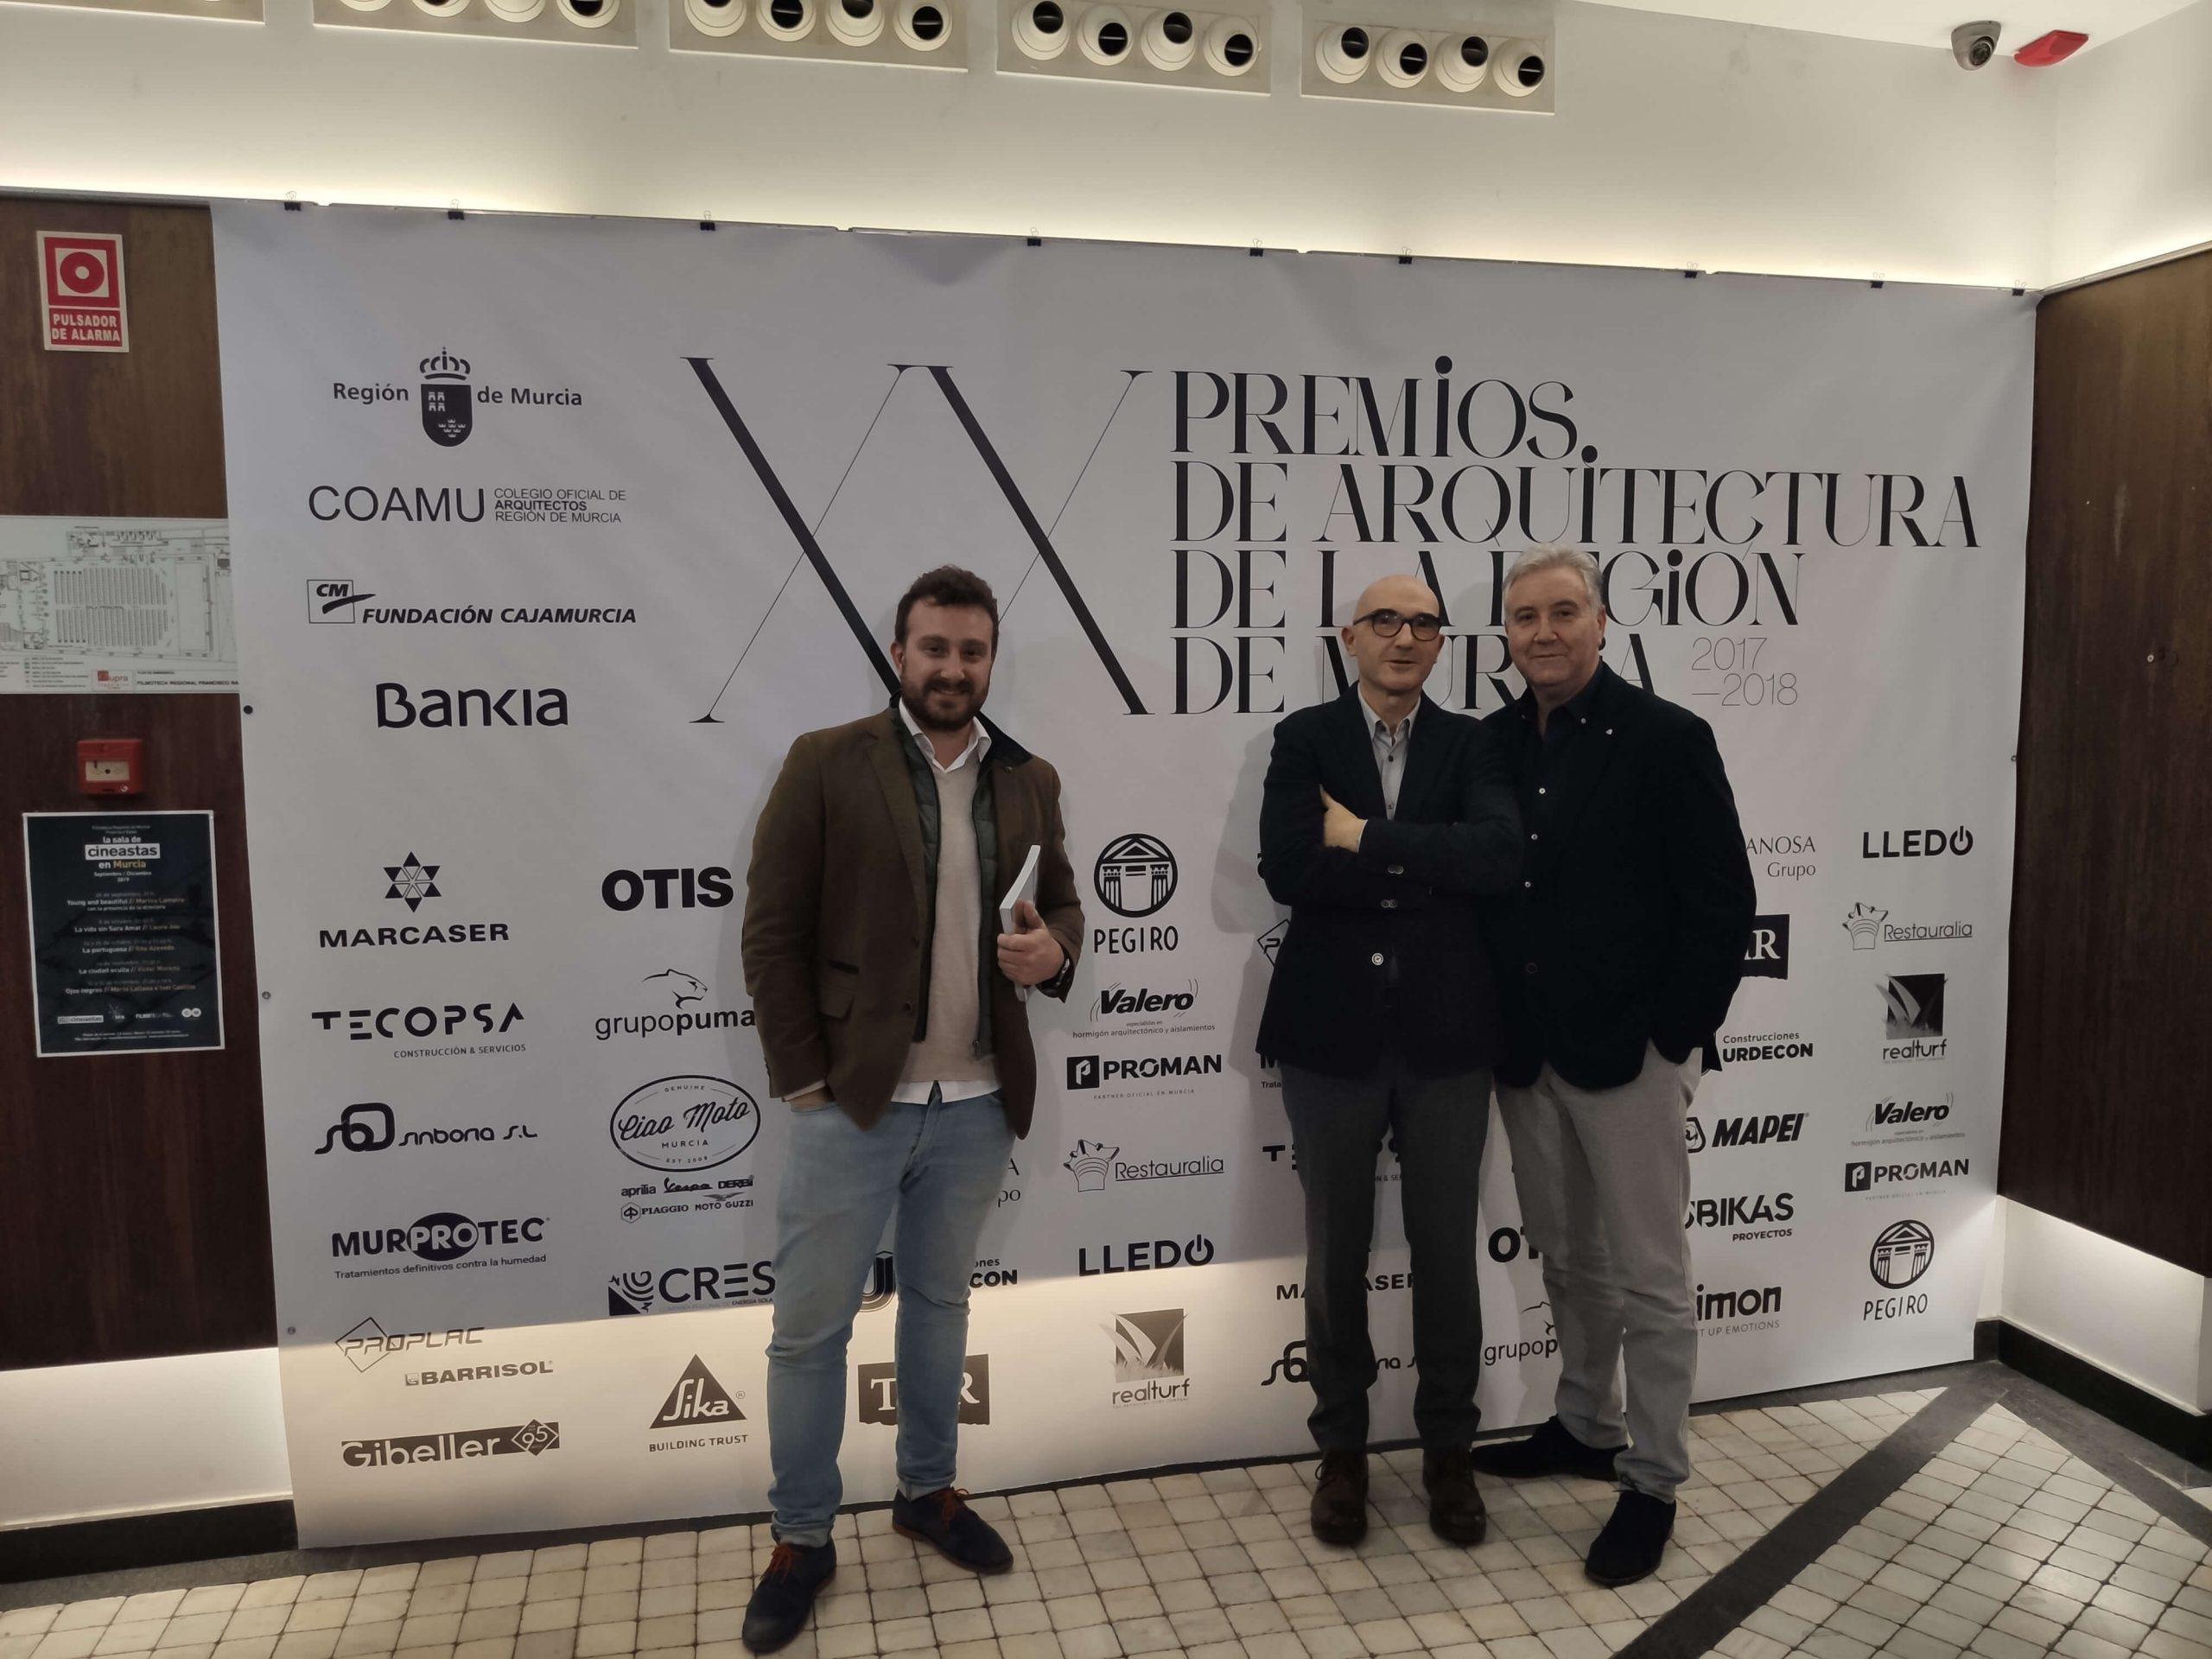 con el arquitecto Martin Lejarraga